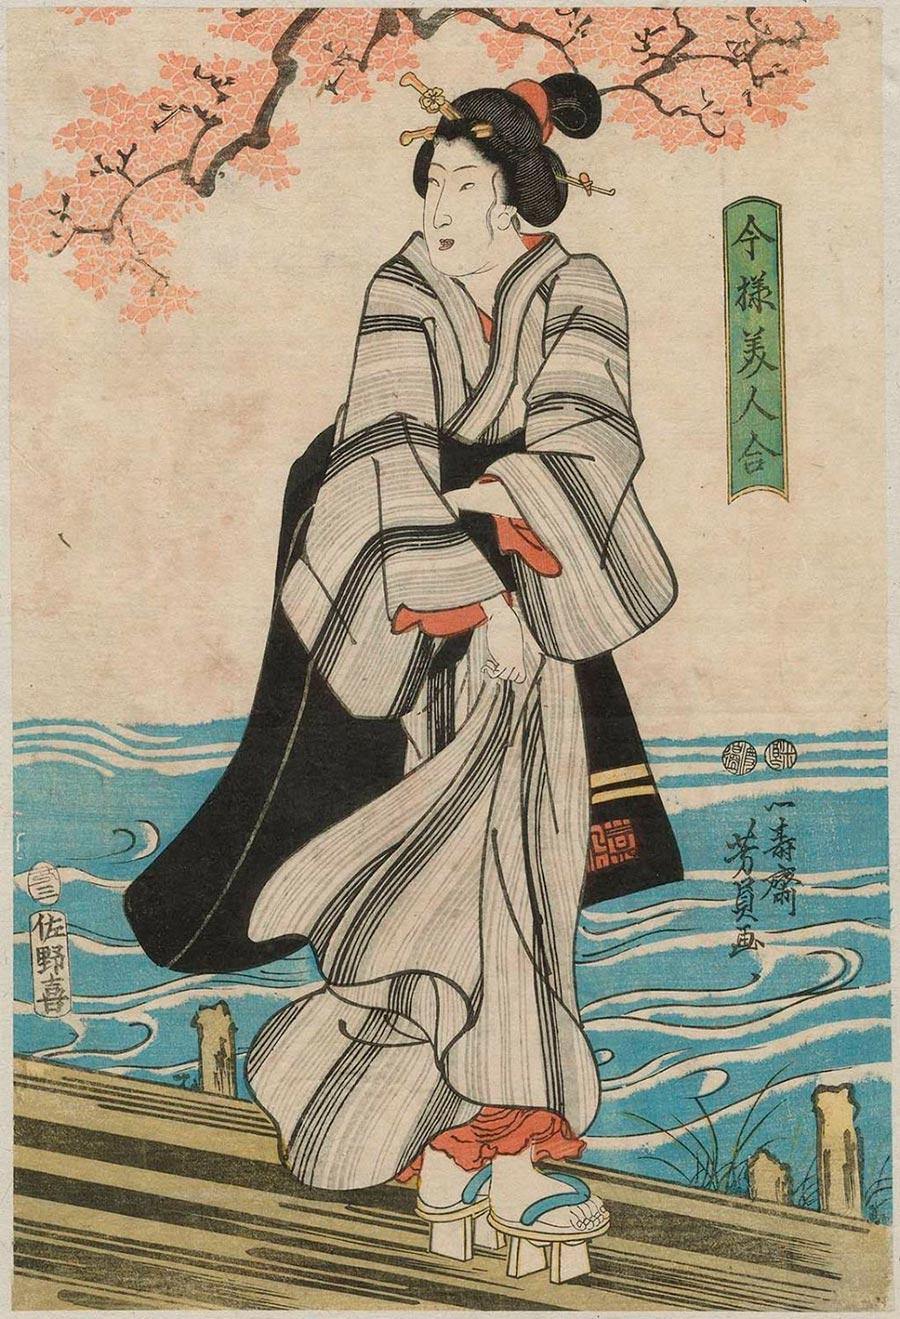 On-line архив японских гравюр, созданных с 1700-х годов до наших дней Утагава Ёсикадзу